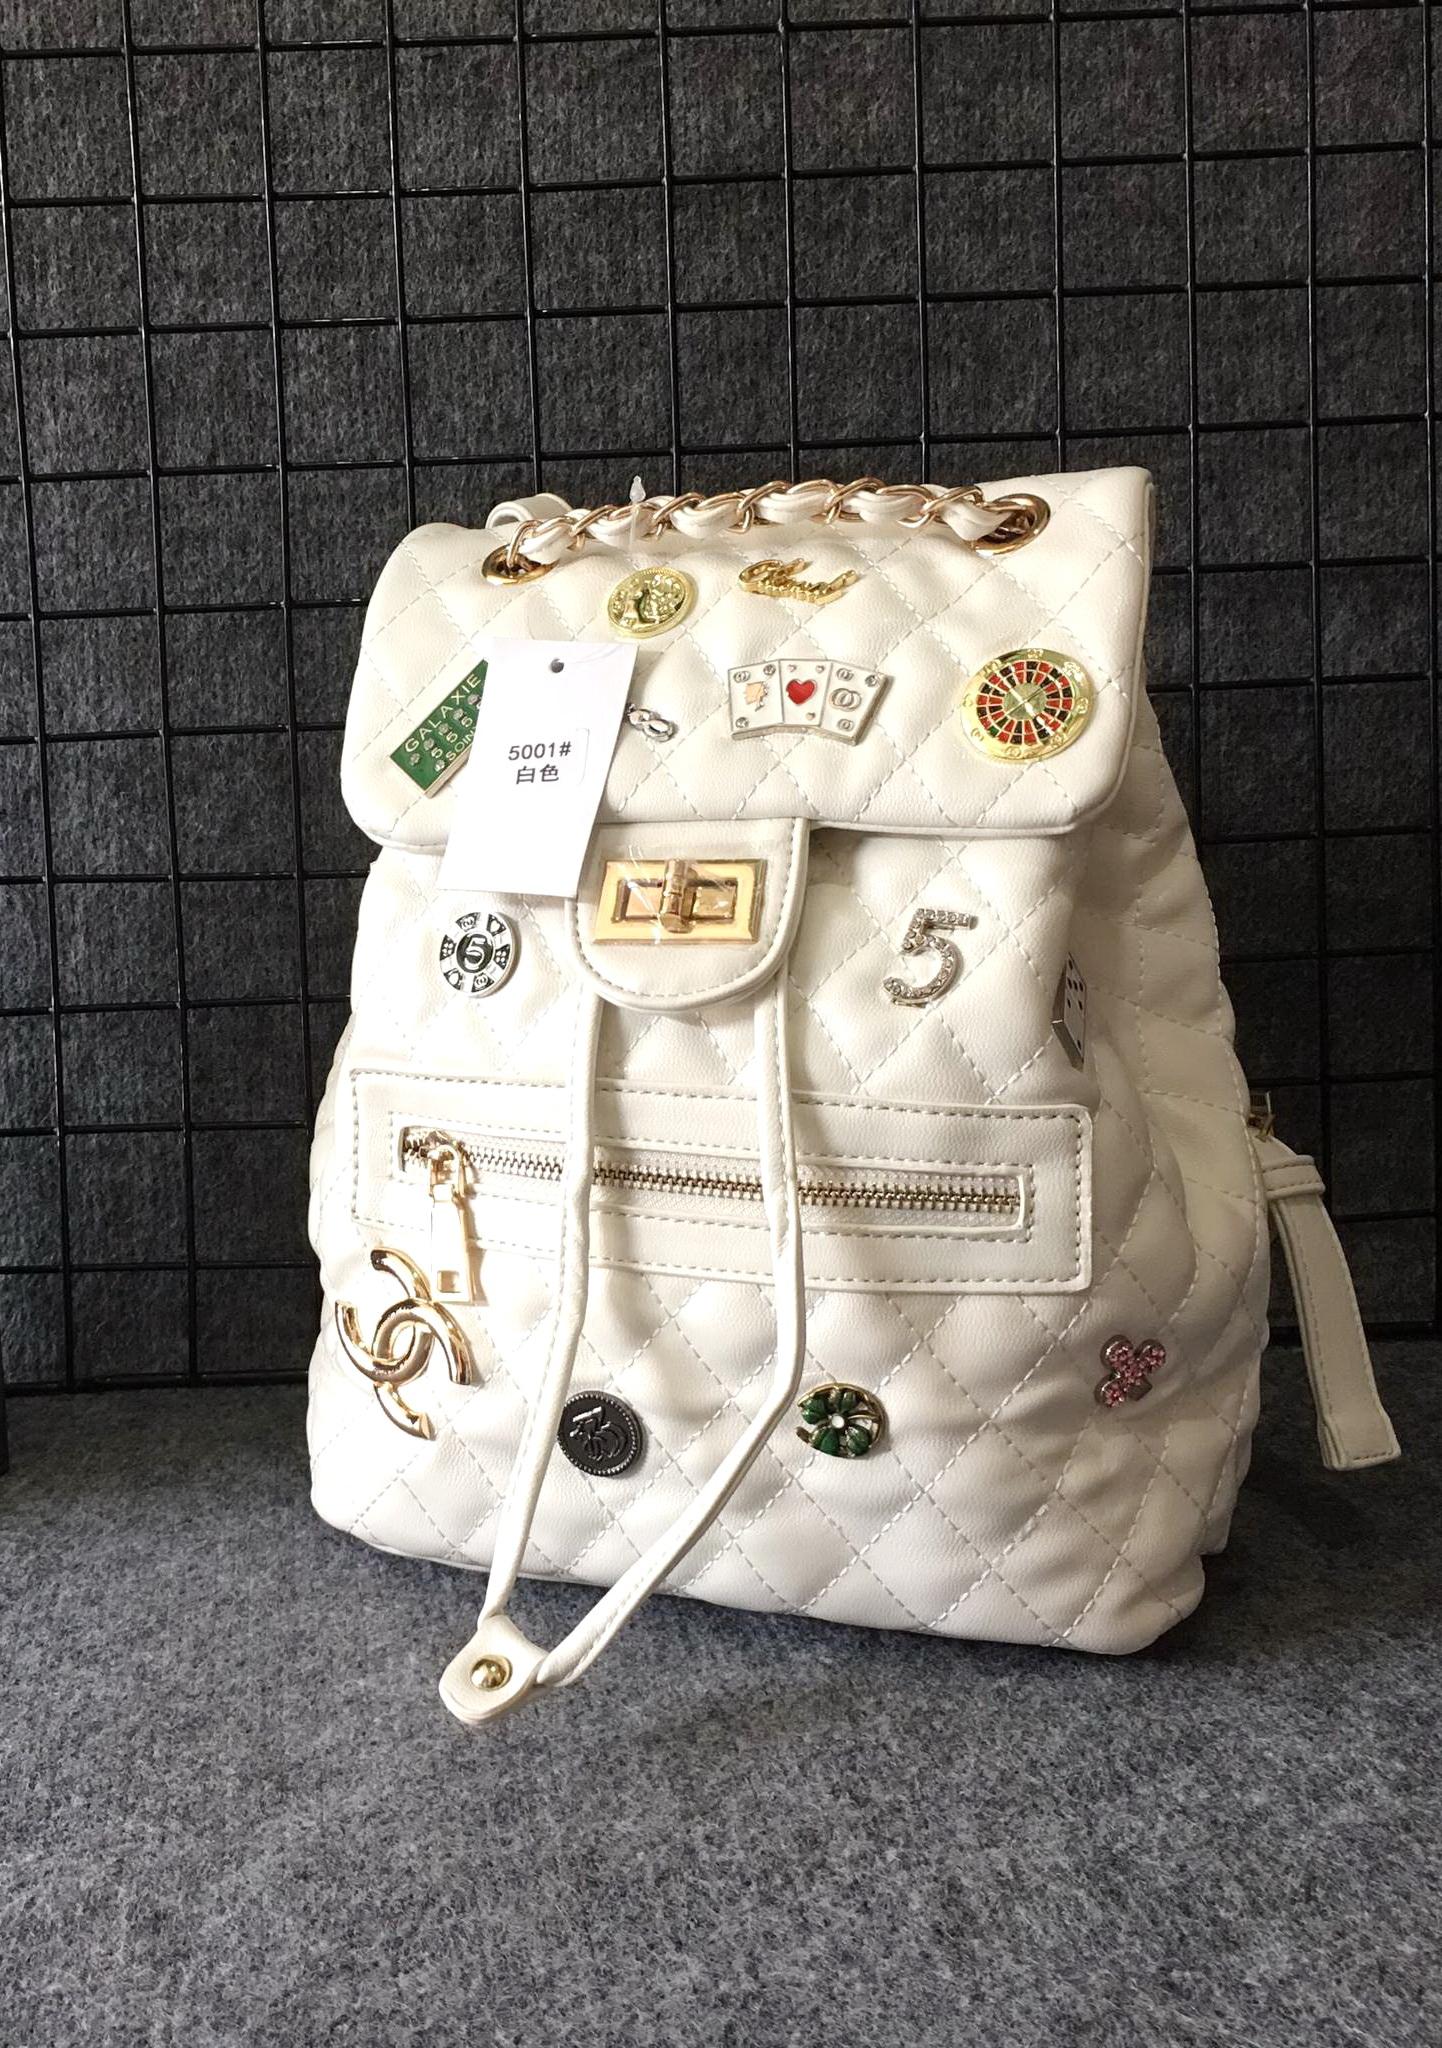 กระเป๋าเป้แฟชั่น สไตล์ชาแนล 10 นิ้ว แต่งอะไหล่หมุด เข็มกลัดสุดเก๋ สายแต่งร้อยโซ่ทองเพิ่มความหรู สะพายสวยได้ทุกชุด